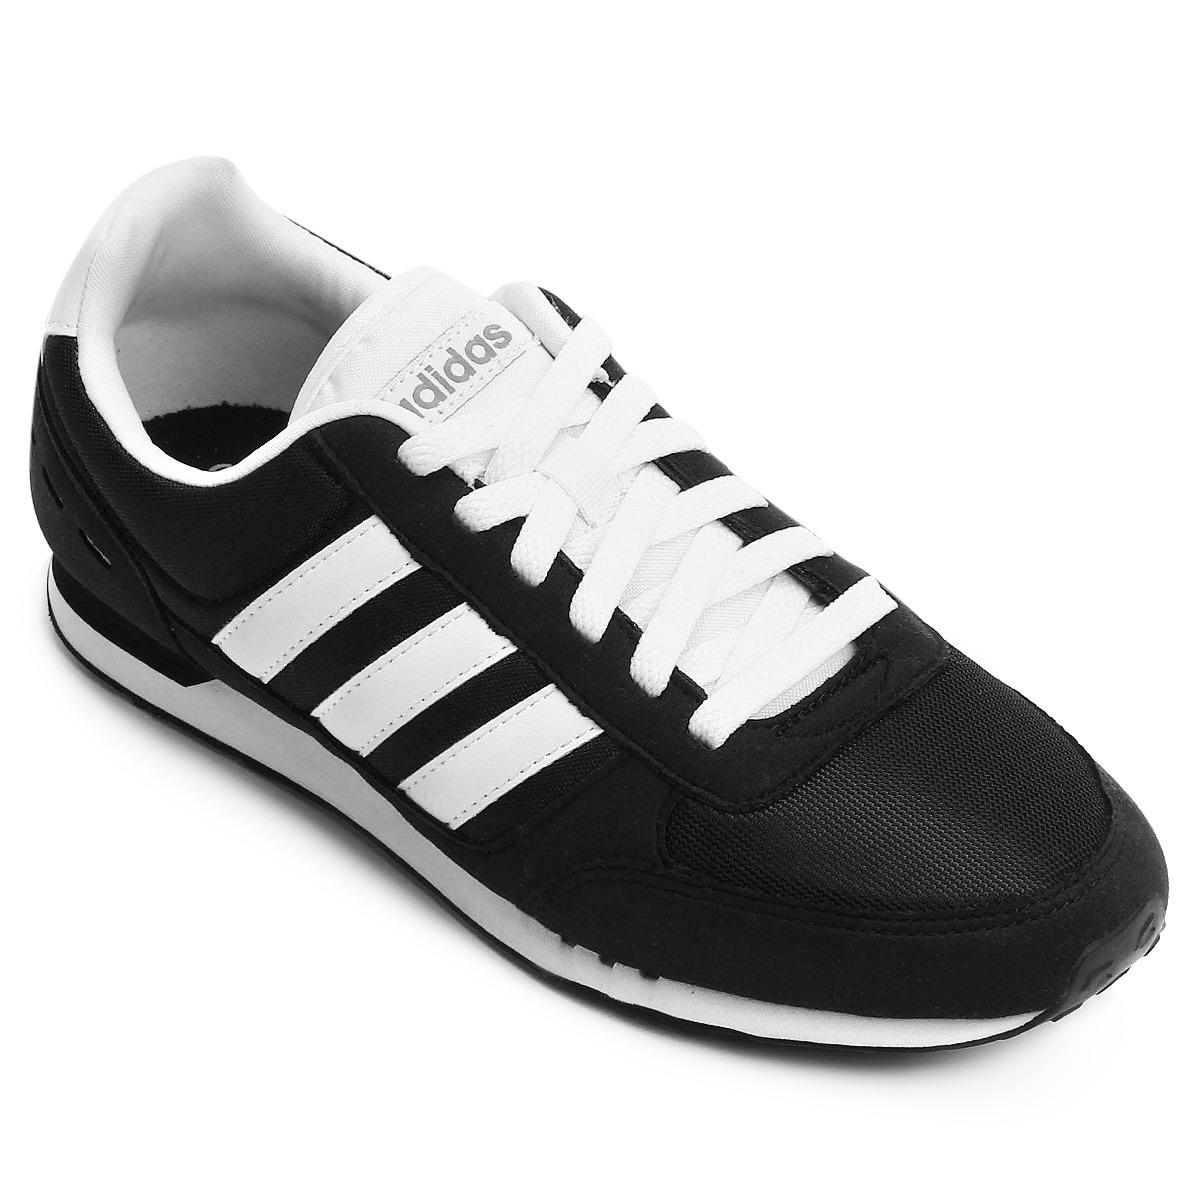 4811c89ec2 ... tênis adidas neo city racer - preto e branco. Carregando zoom.  authentic 4823e 6859a ...